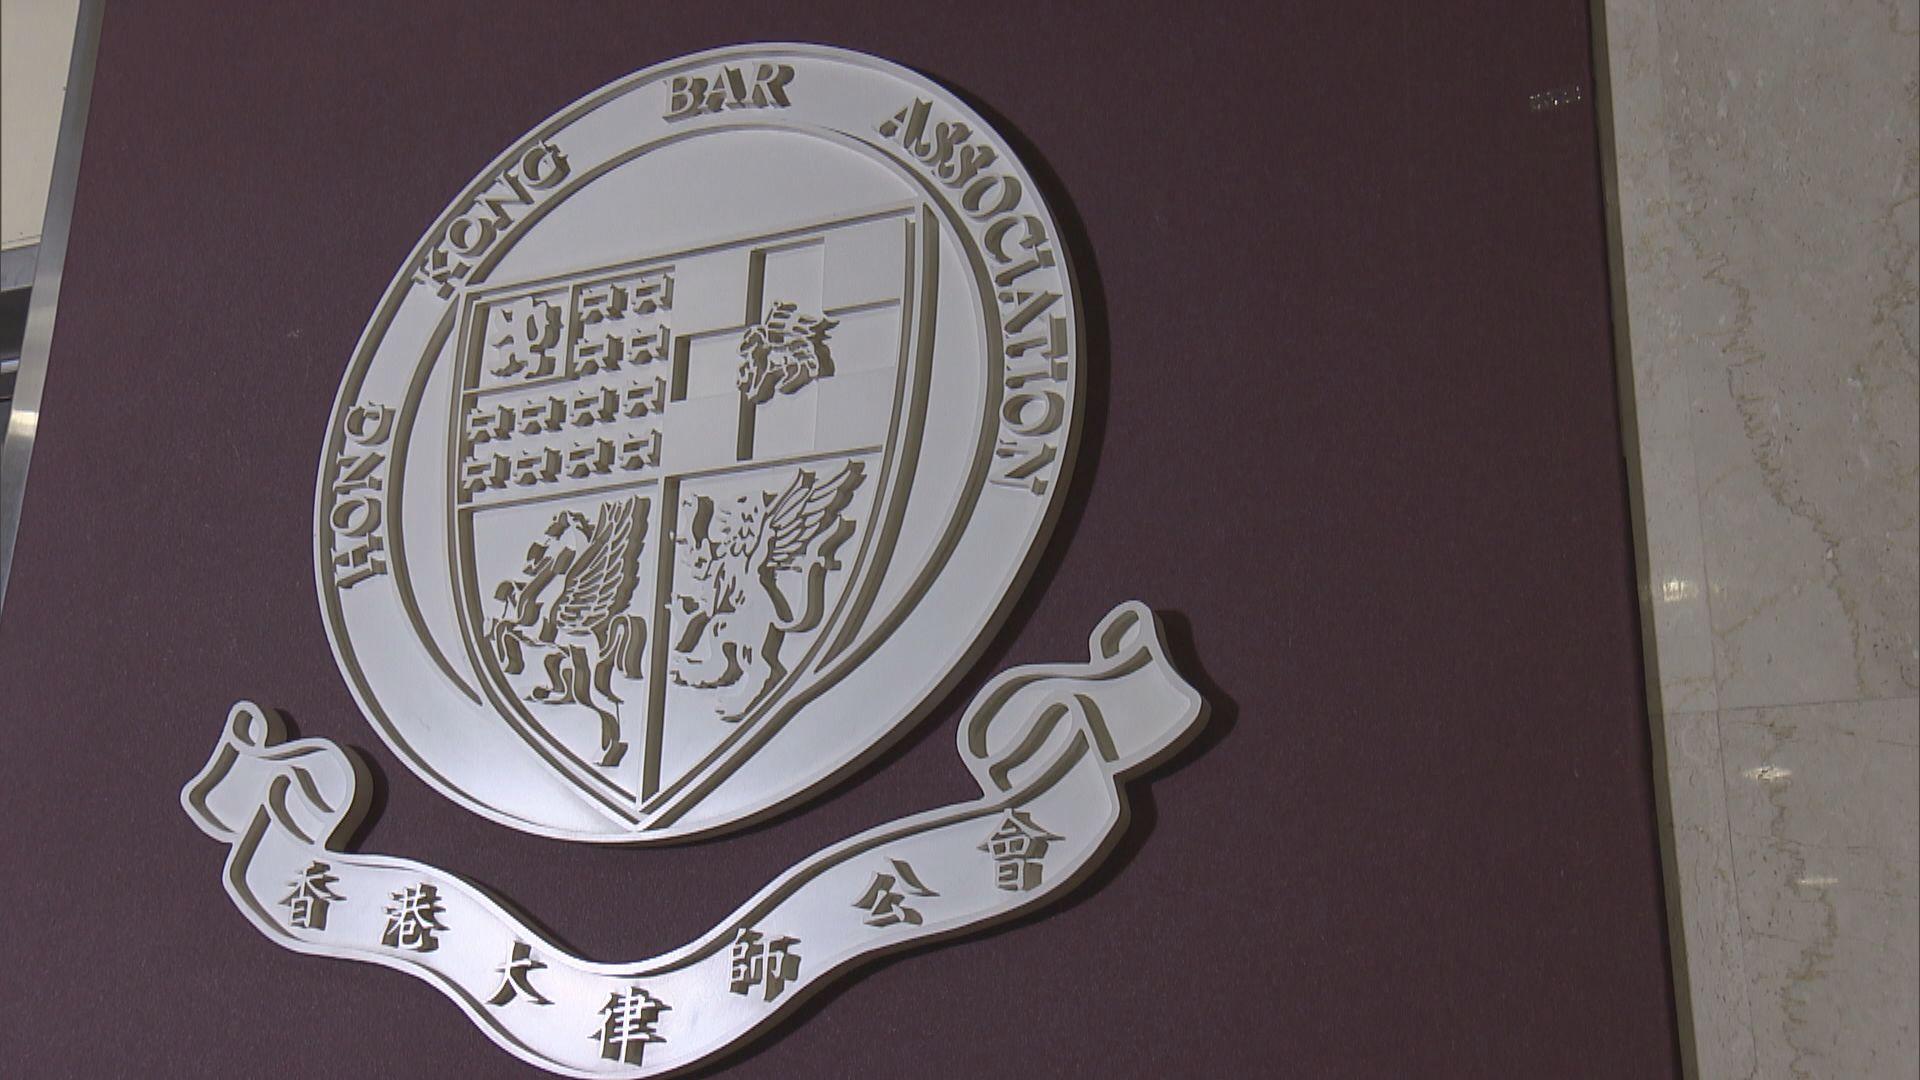 大律師公會:林鄭三權分立論不符合基本法